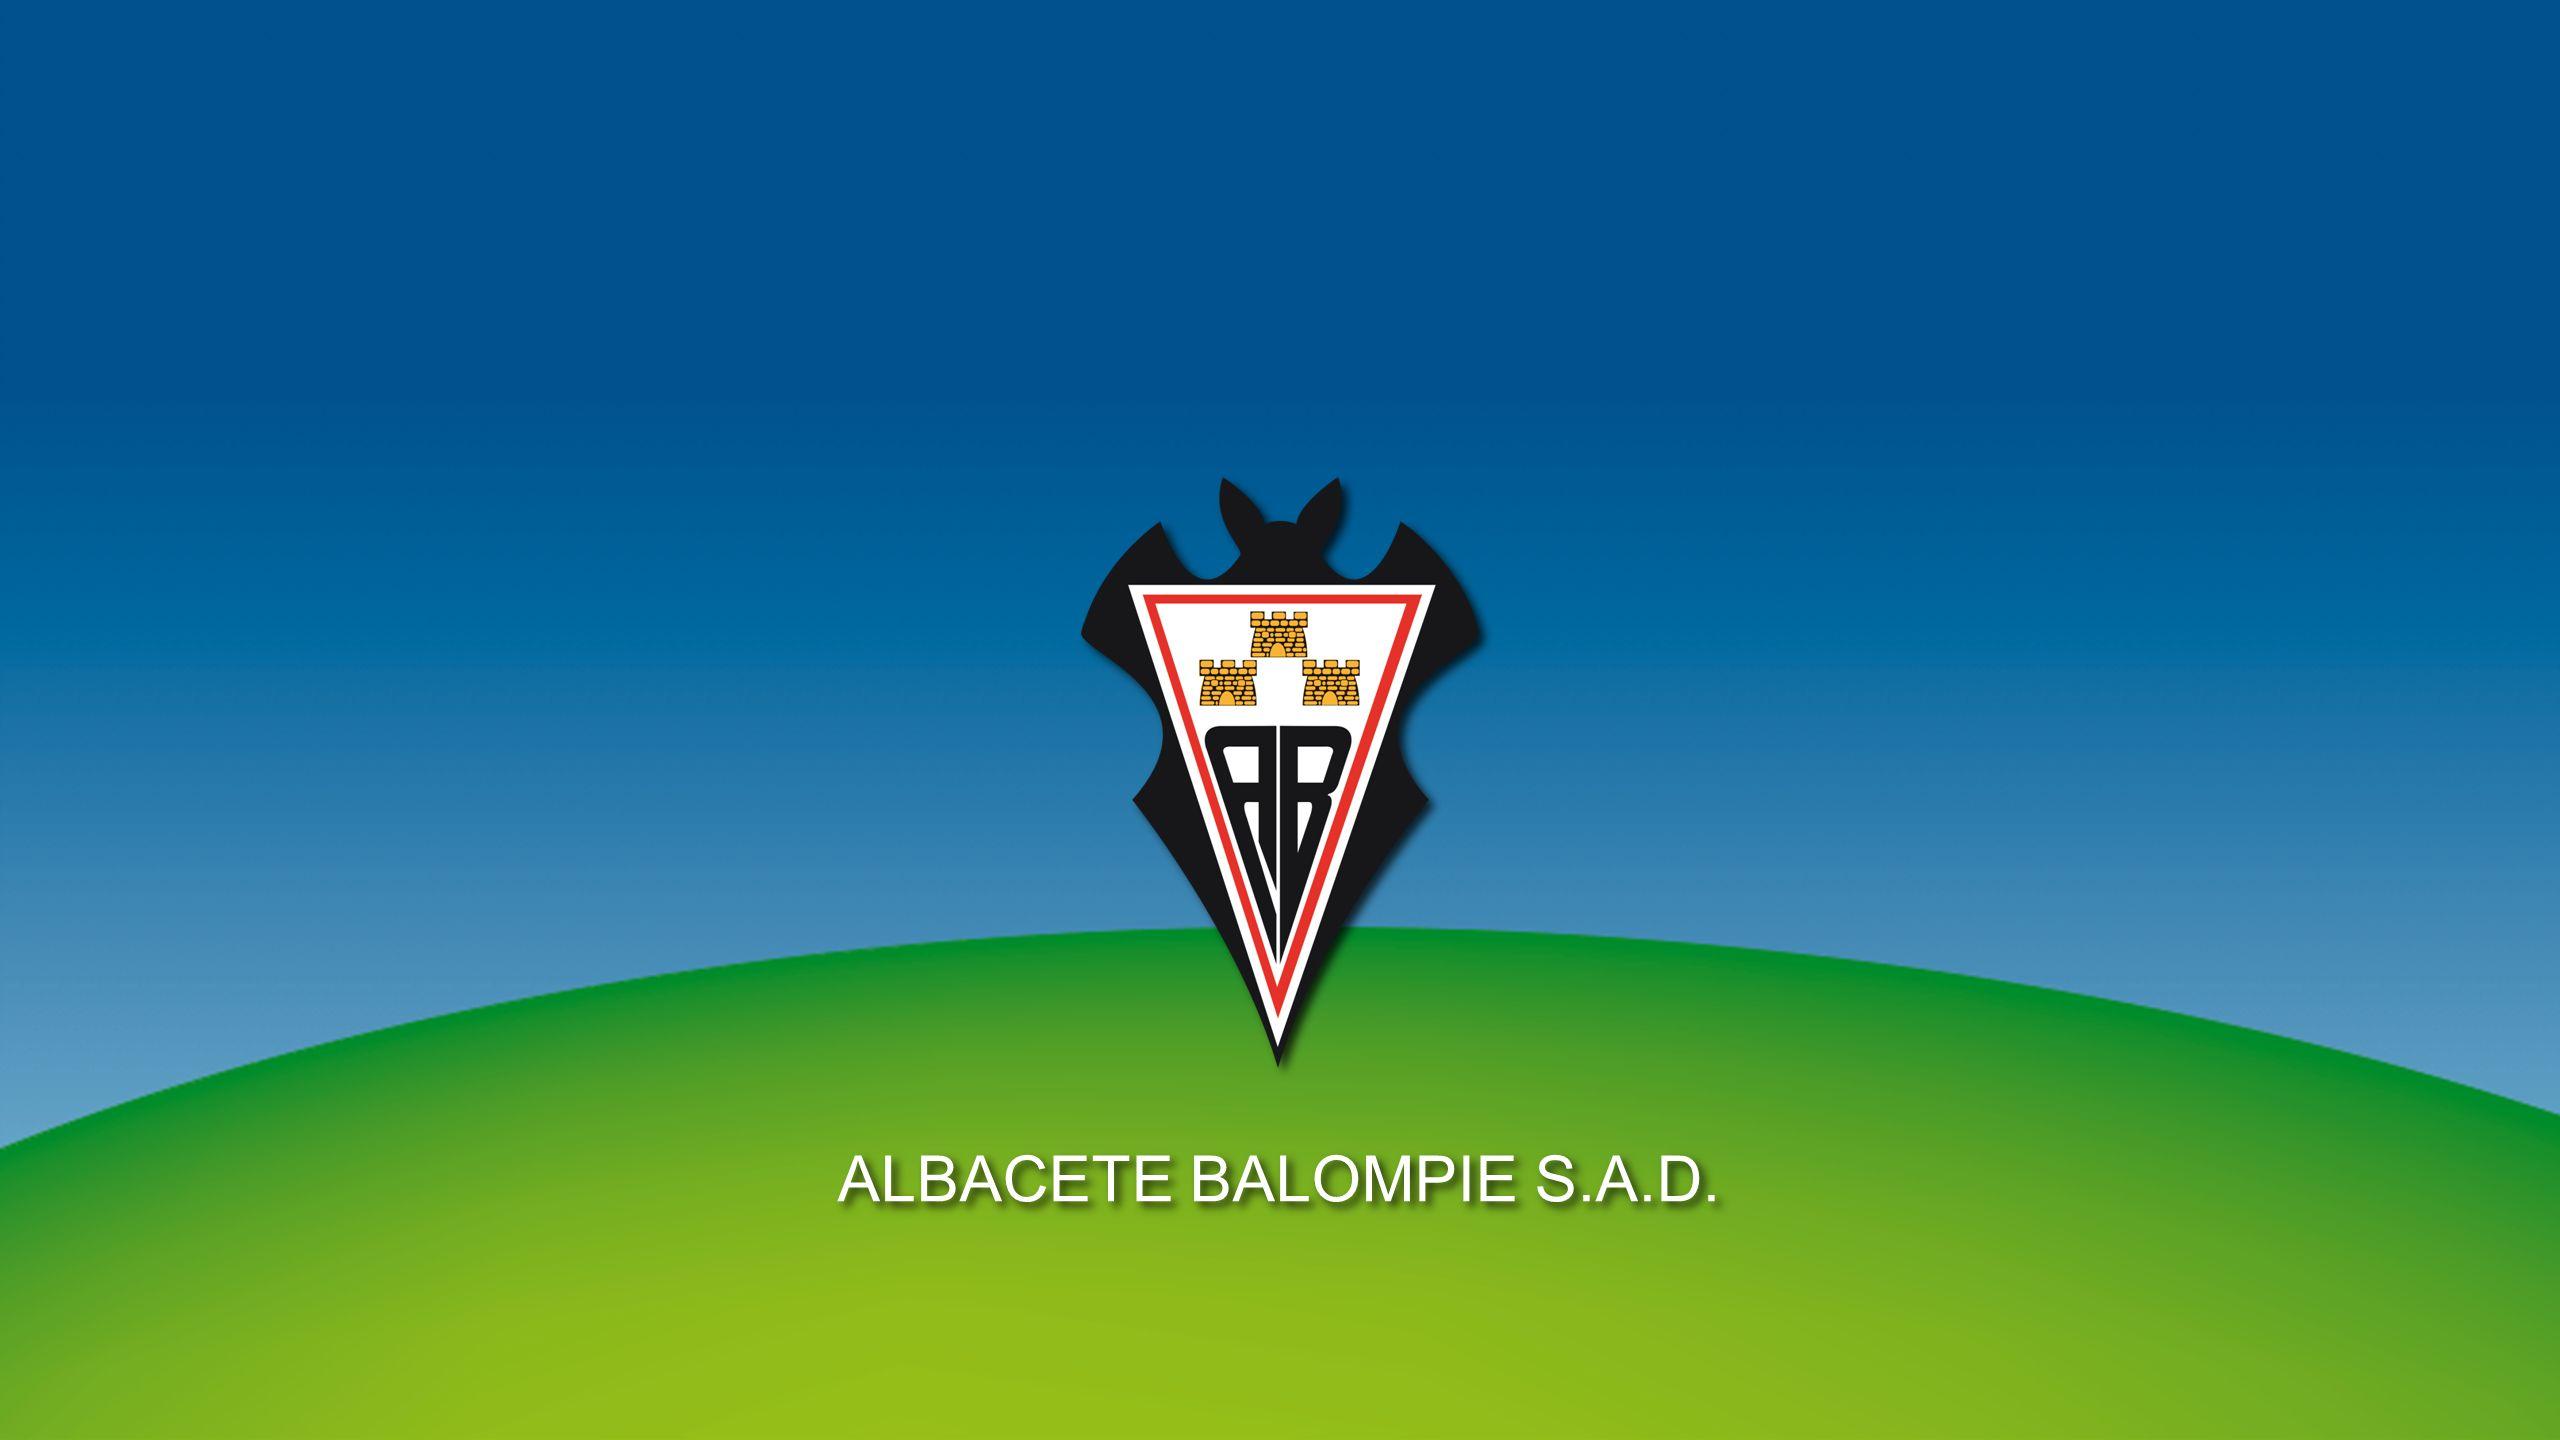 ALBACETE BALOMPIE S.A.D.